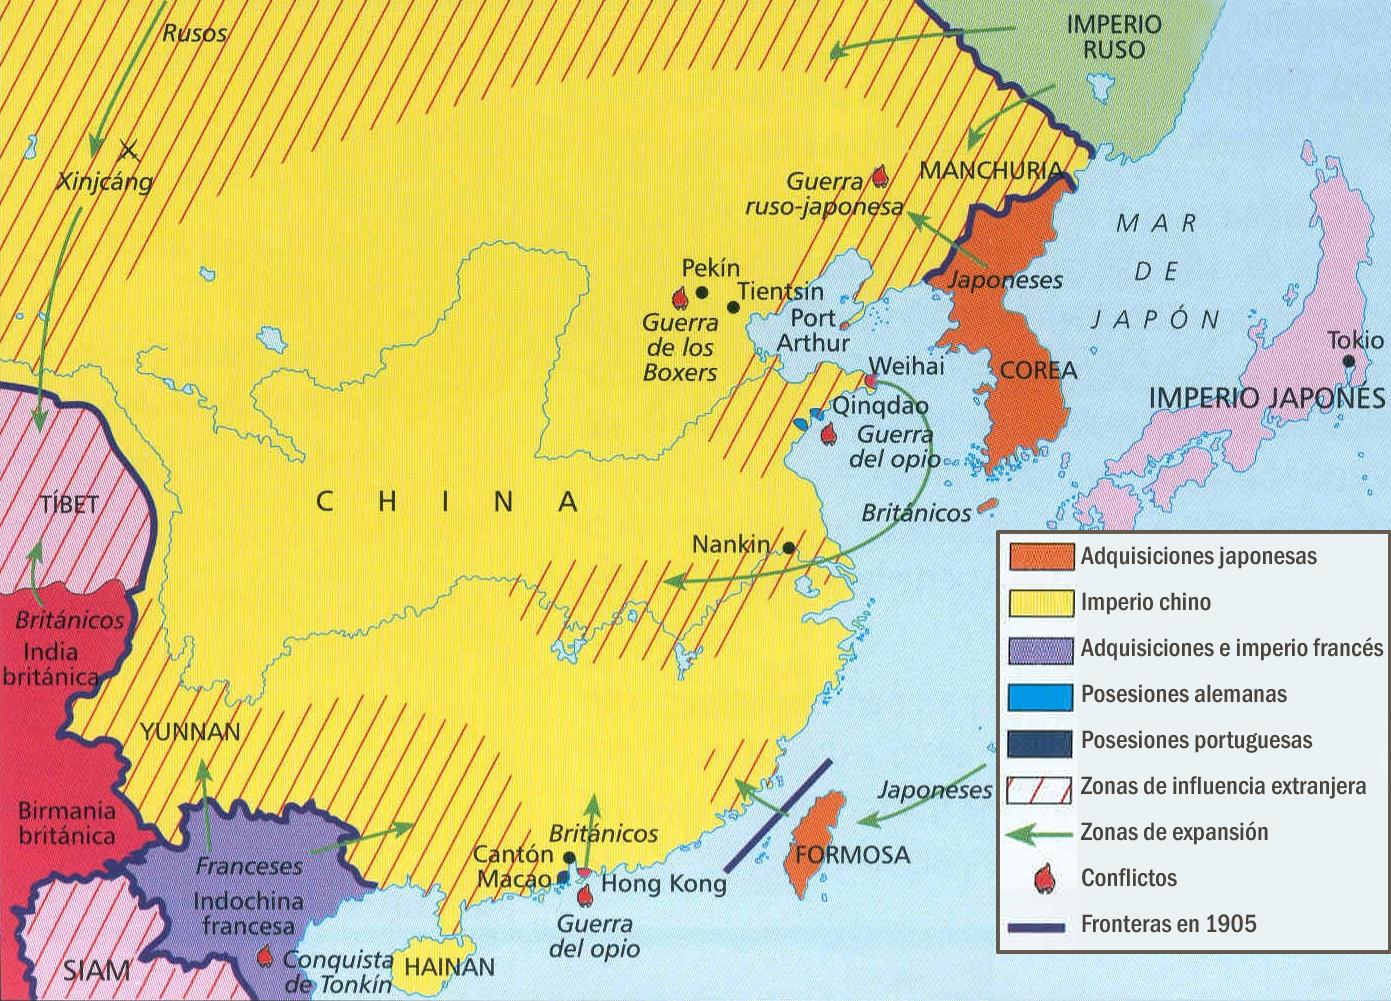 El control político y económico de China